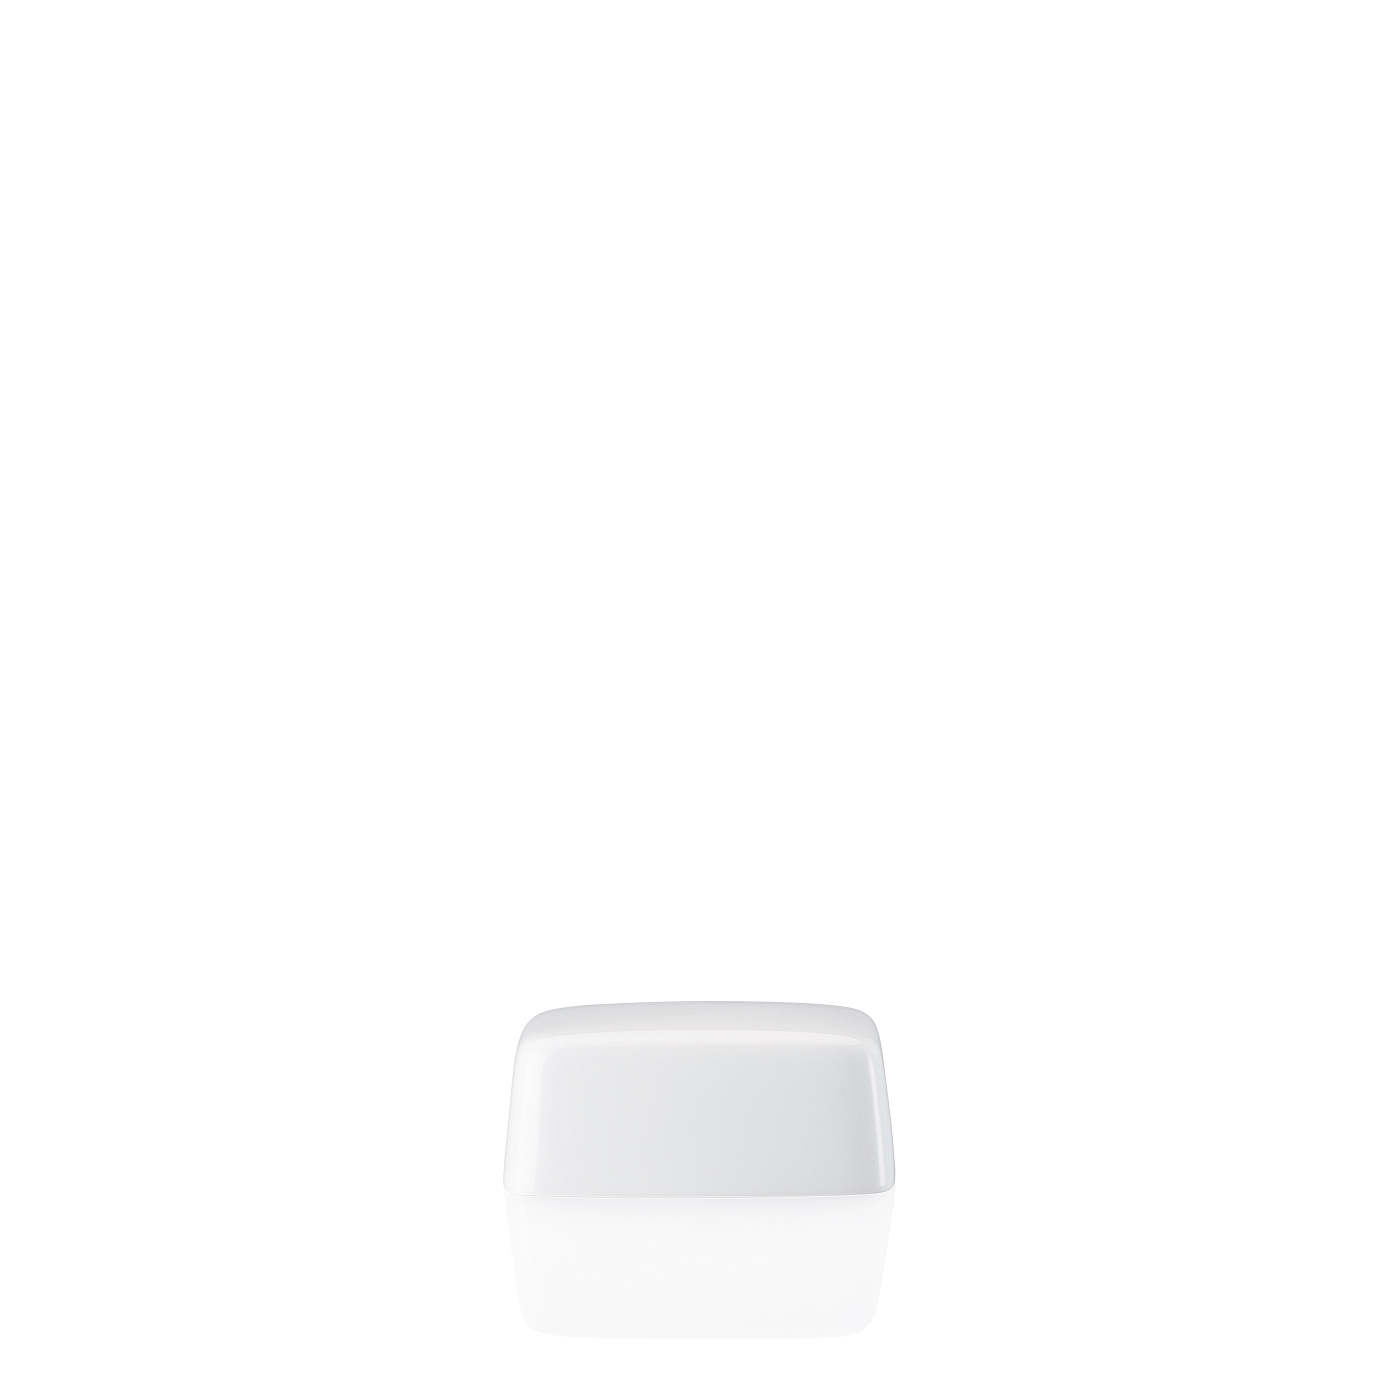 Butterdose klein Deckel Form 1382 Weiss Arzberg